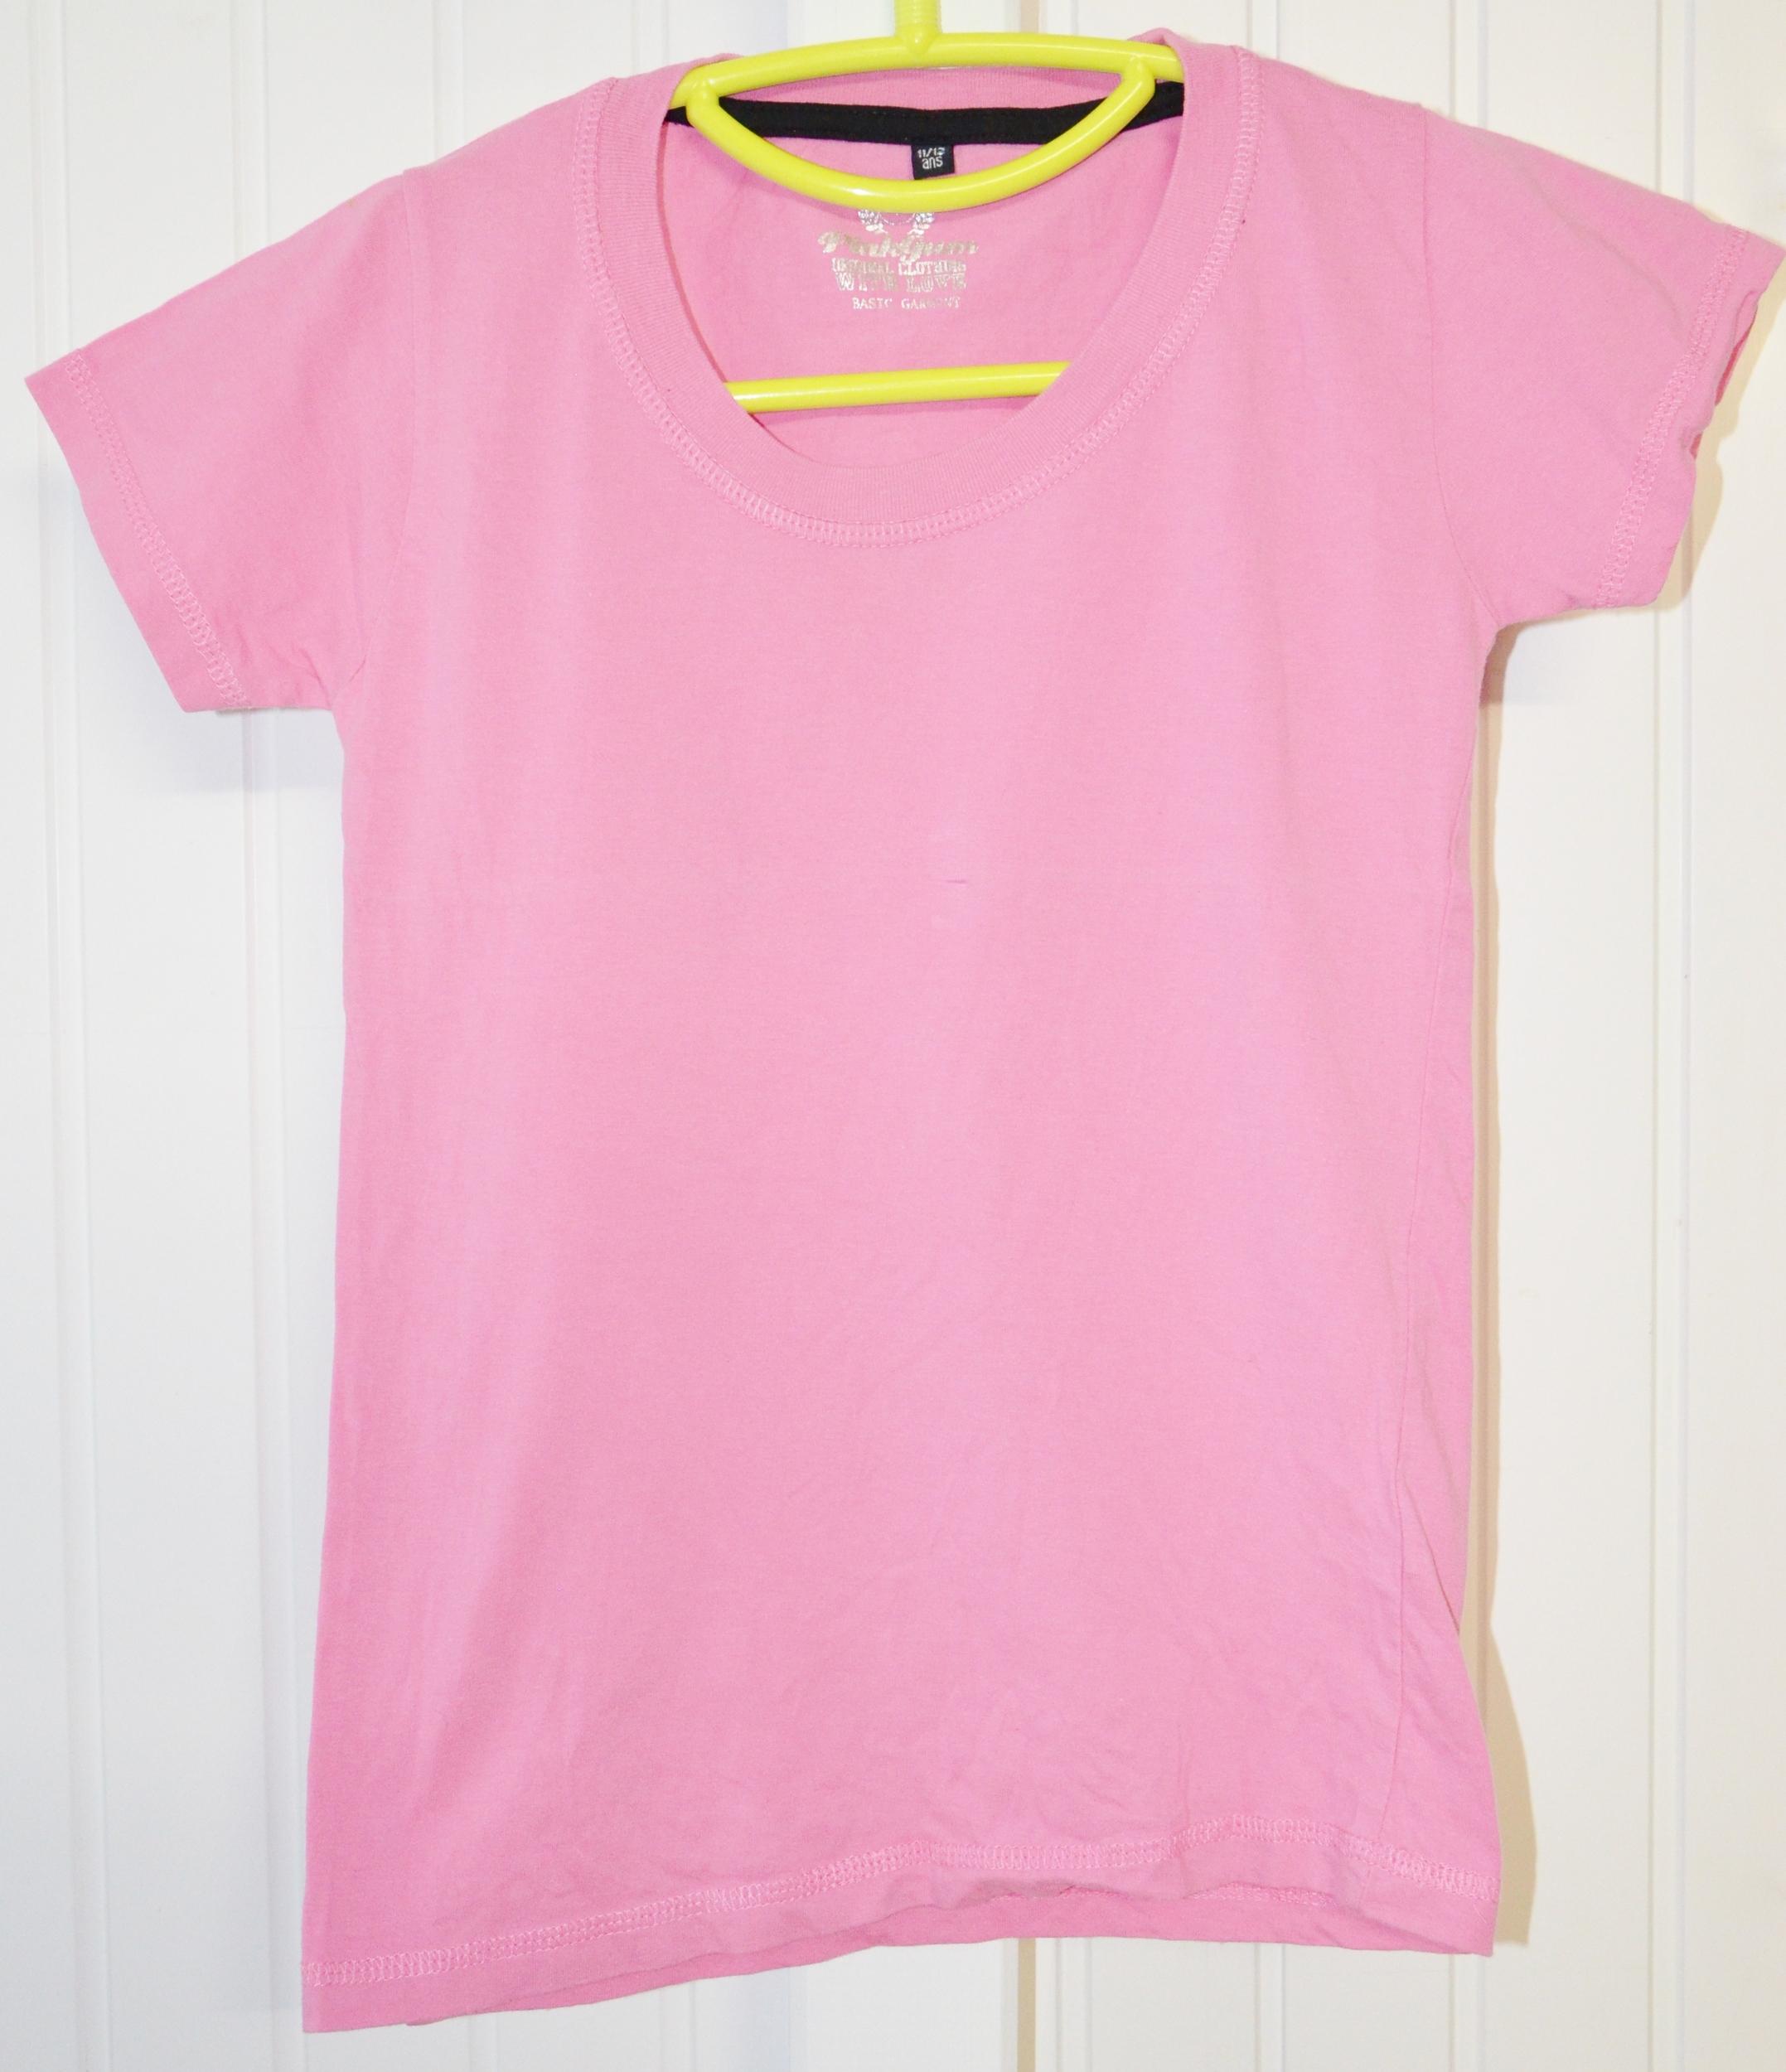 haut pink gum 11 ans